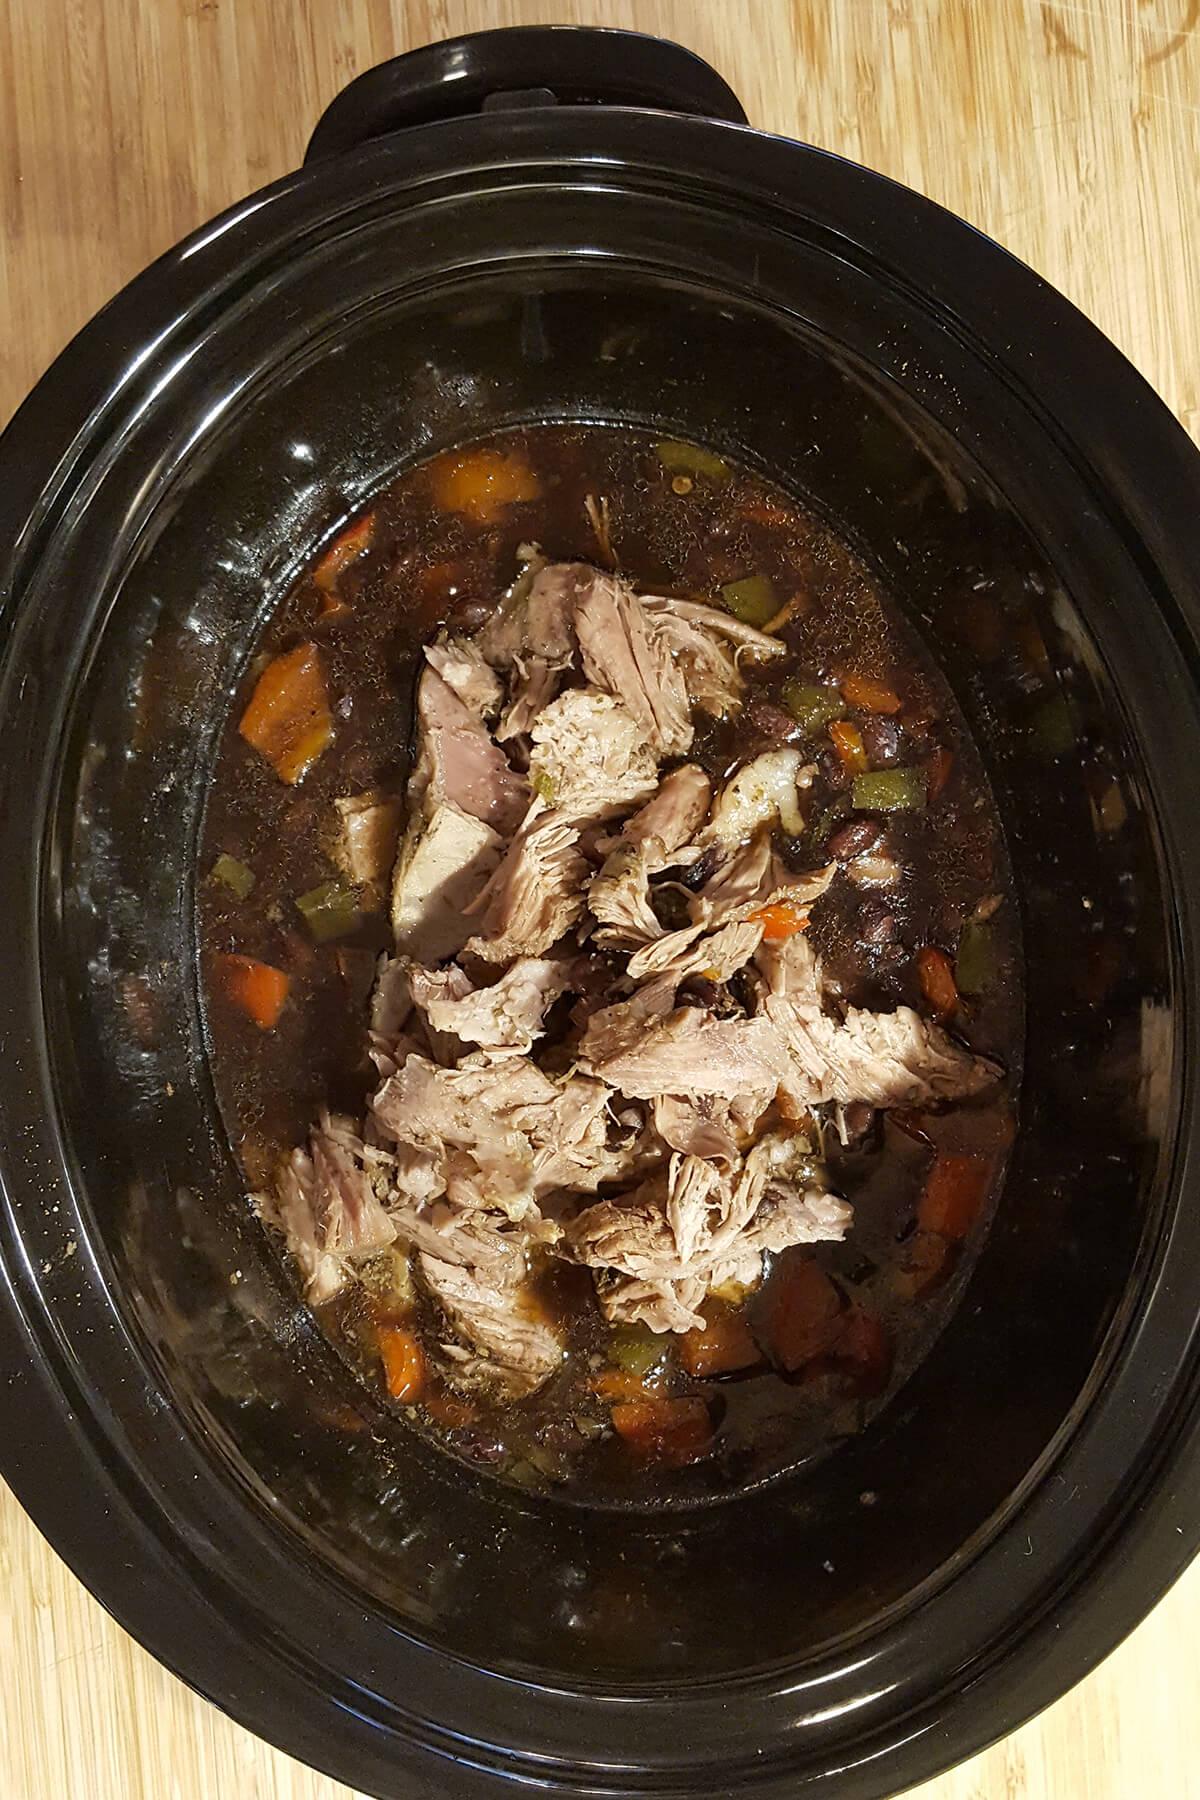 Shredded pork returned to the slow cooker.